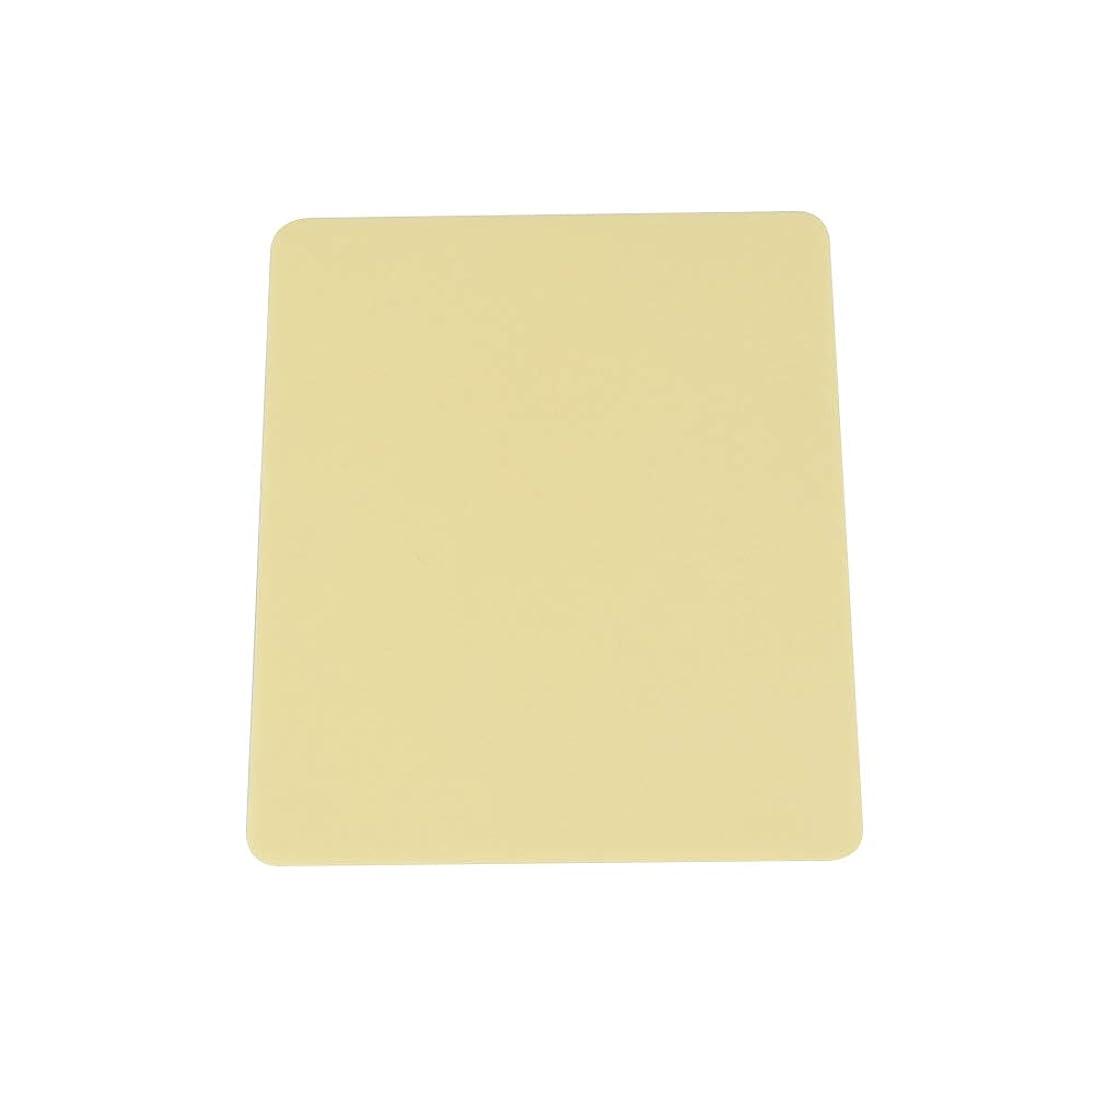 繁雑接尾辞偽物KEHUASHINA 5PCS 初心者のため タトゥー スキン プラクティス 空白 入れ墨 皮膚 練習 墨 マイクロブレード 練習皮膚 経験豊富